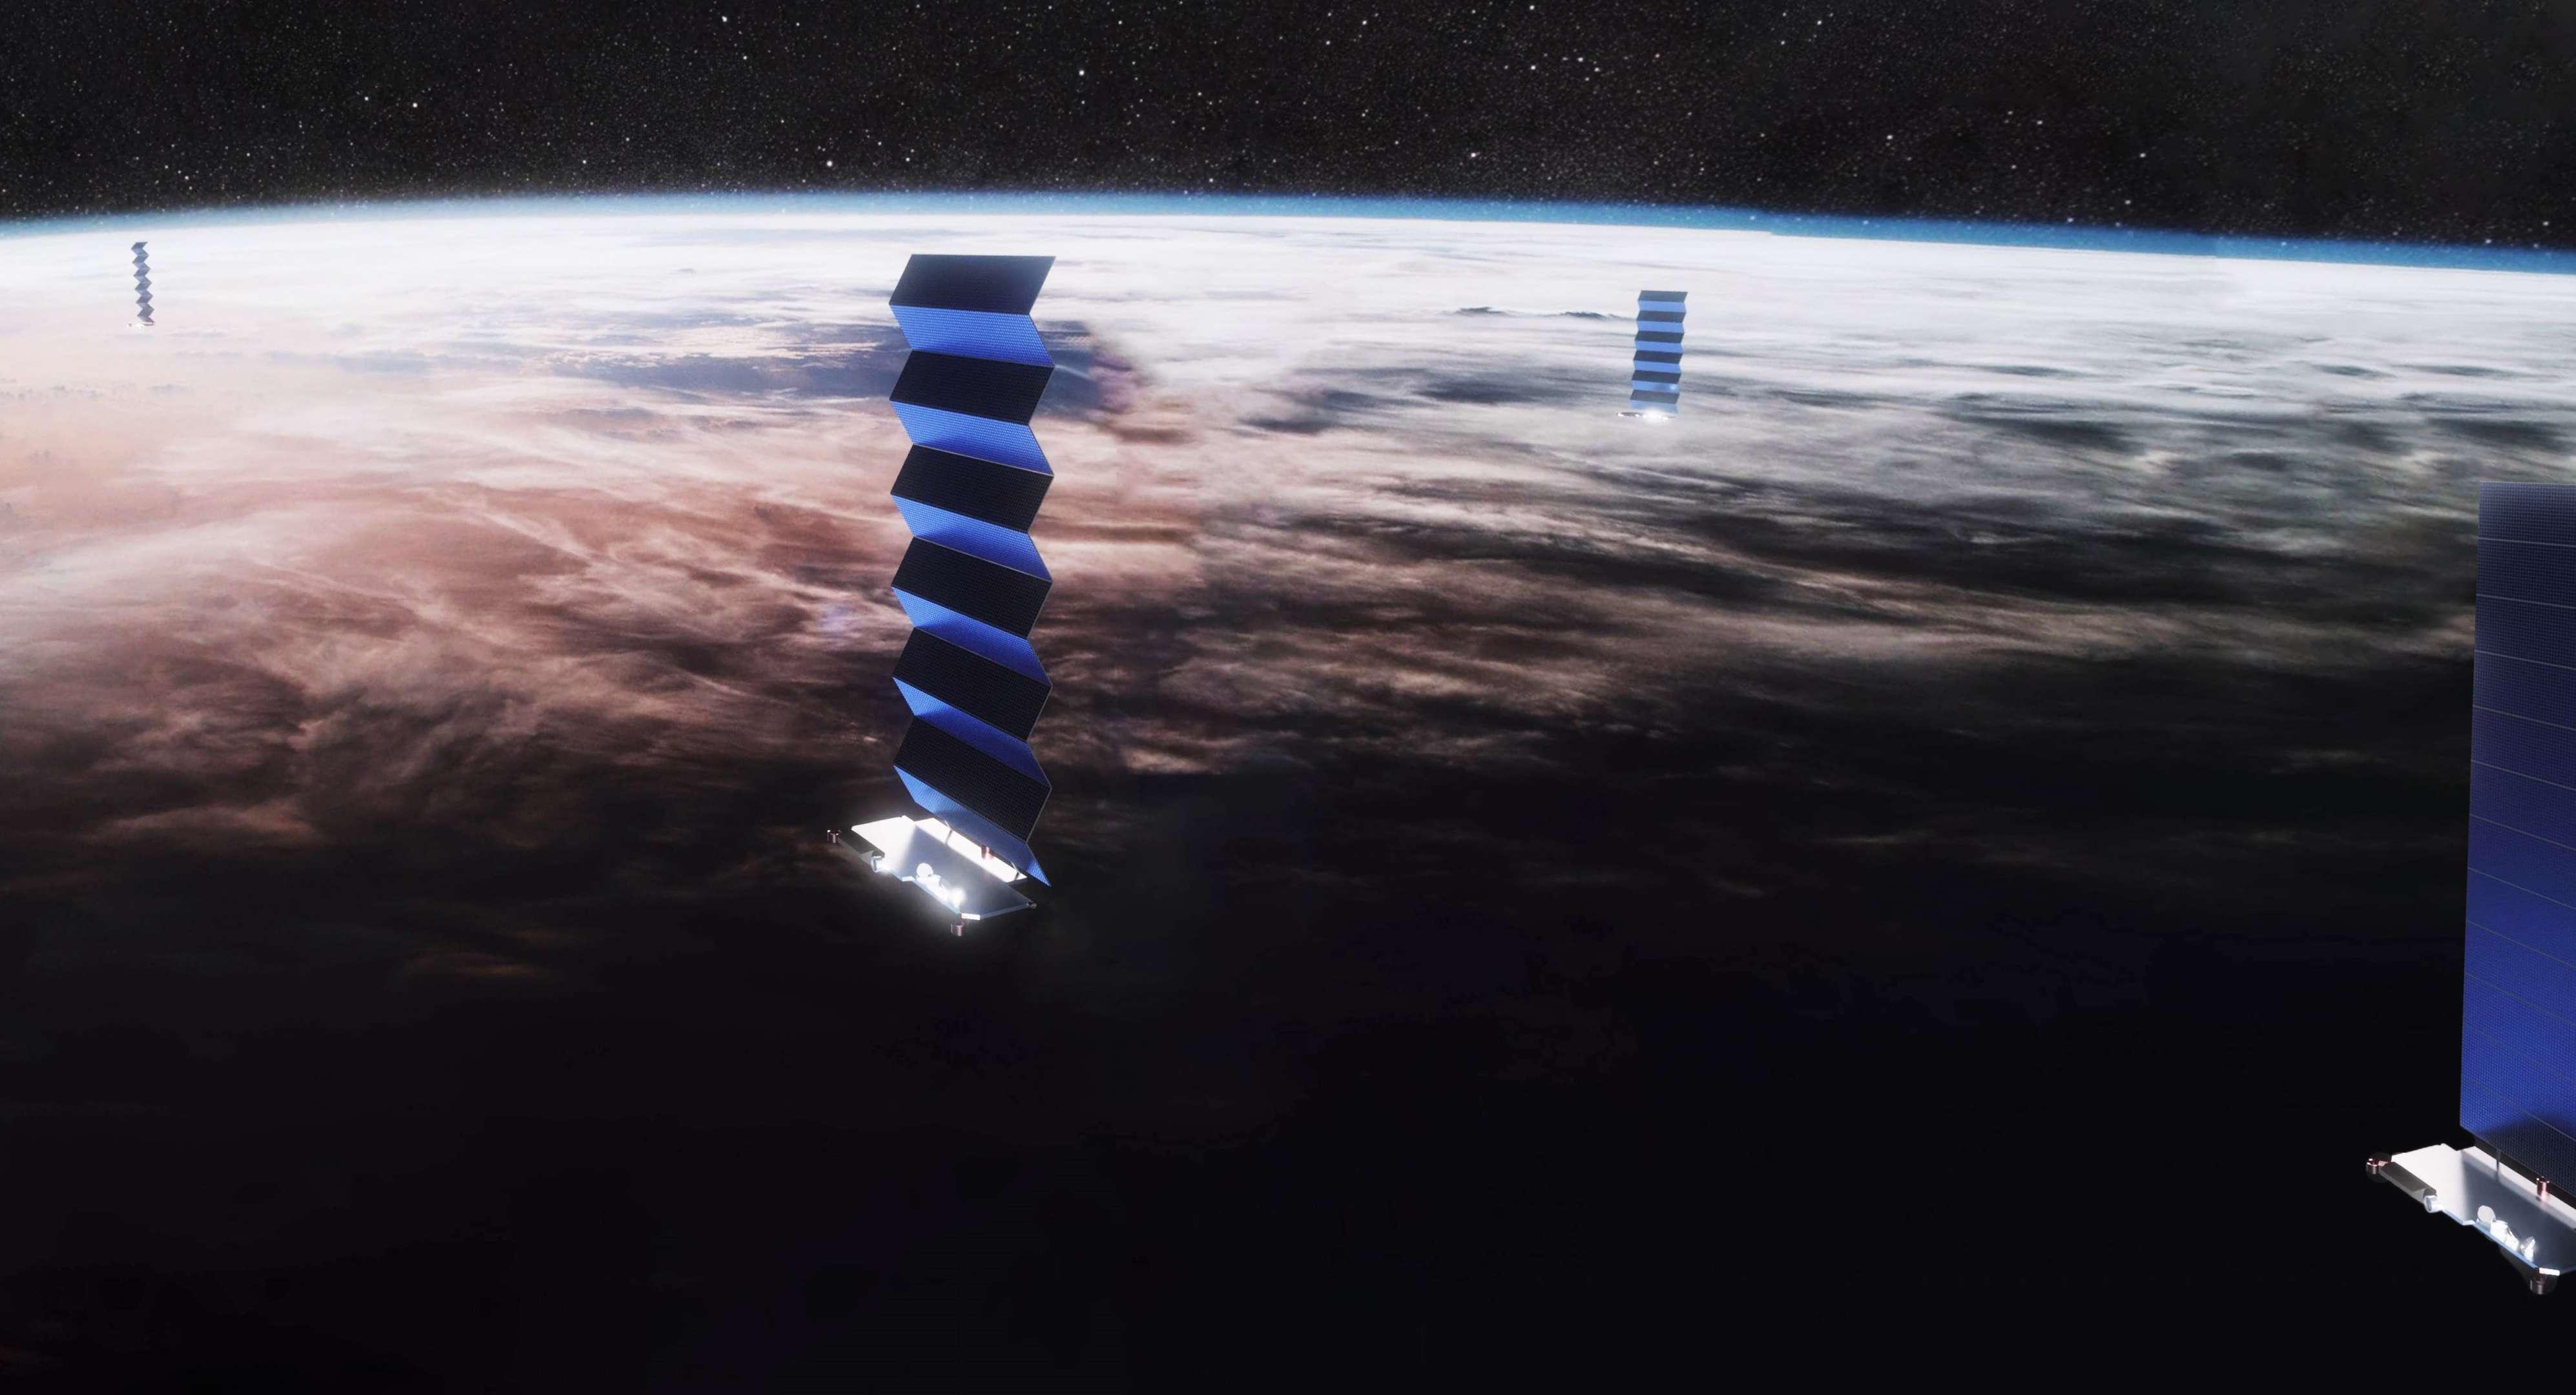 Тепер в складі цієї системи зв'язку в навколоземному просторі знаходяться 538 космічних апаратів.